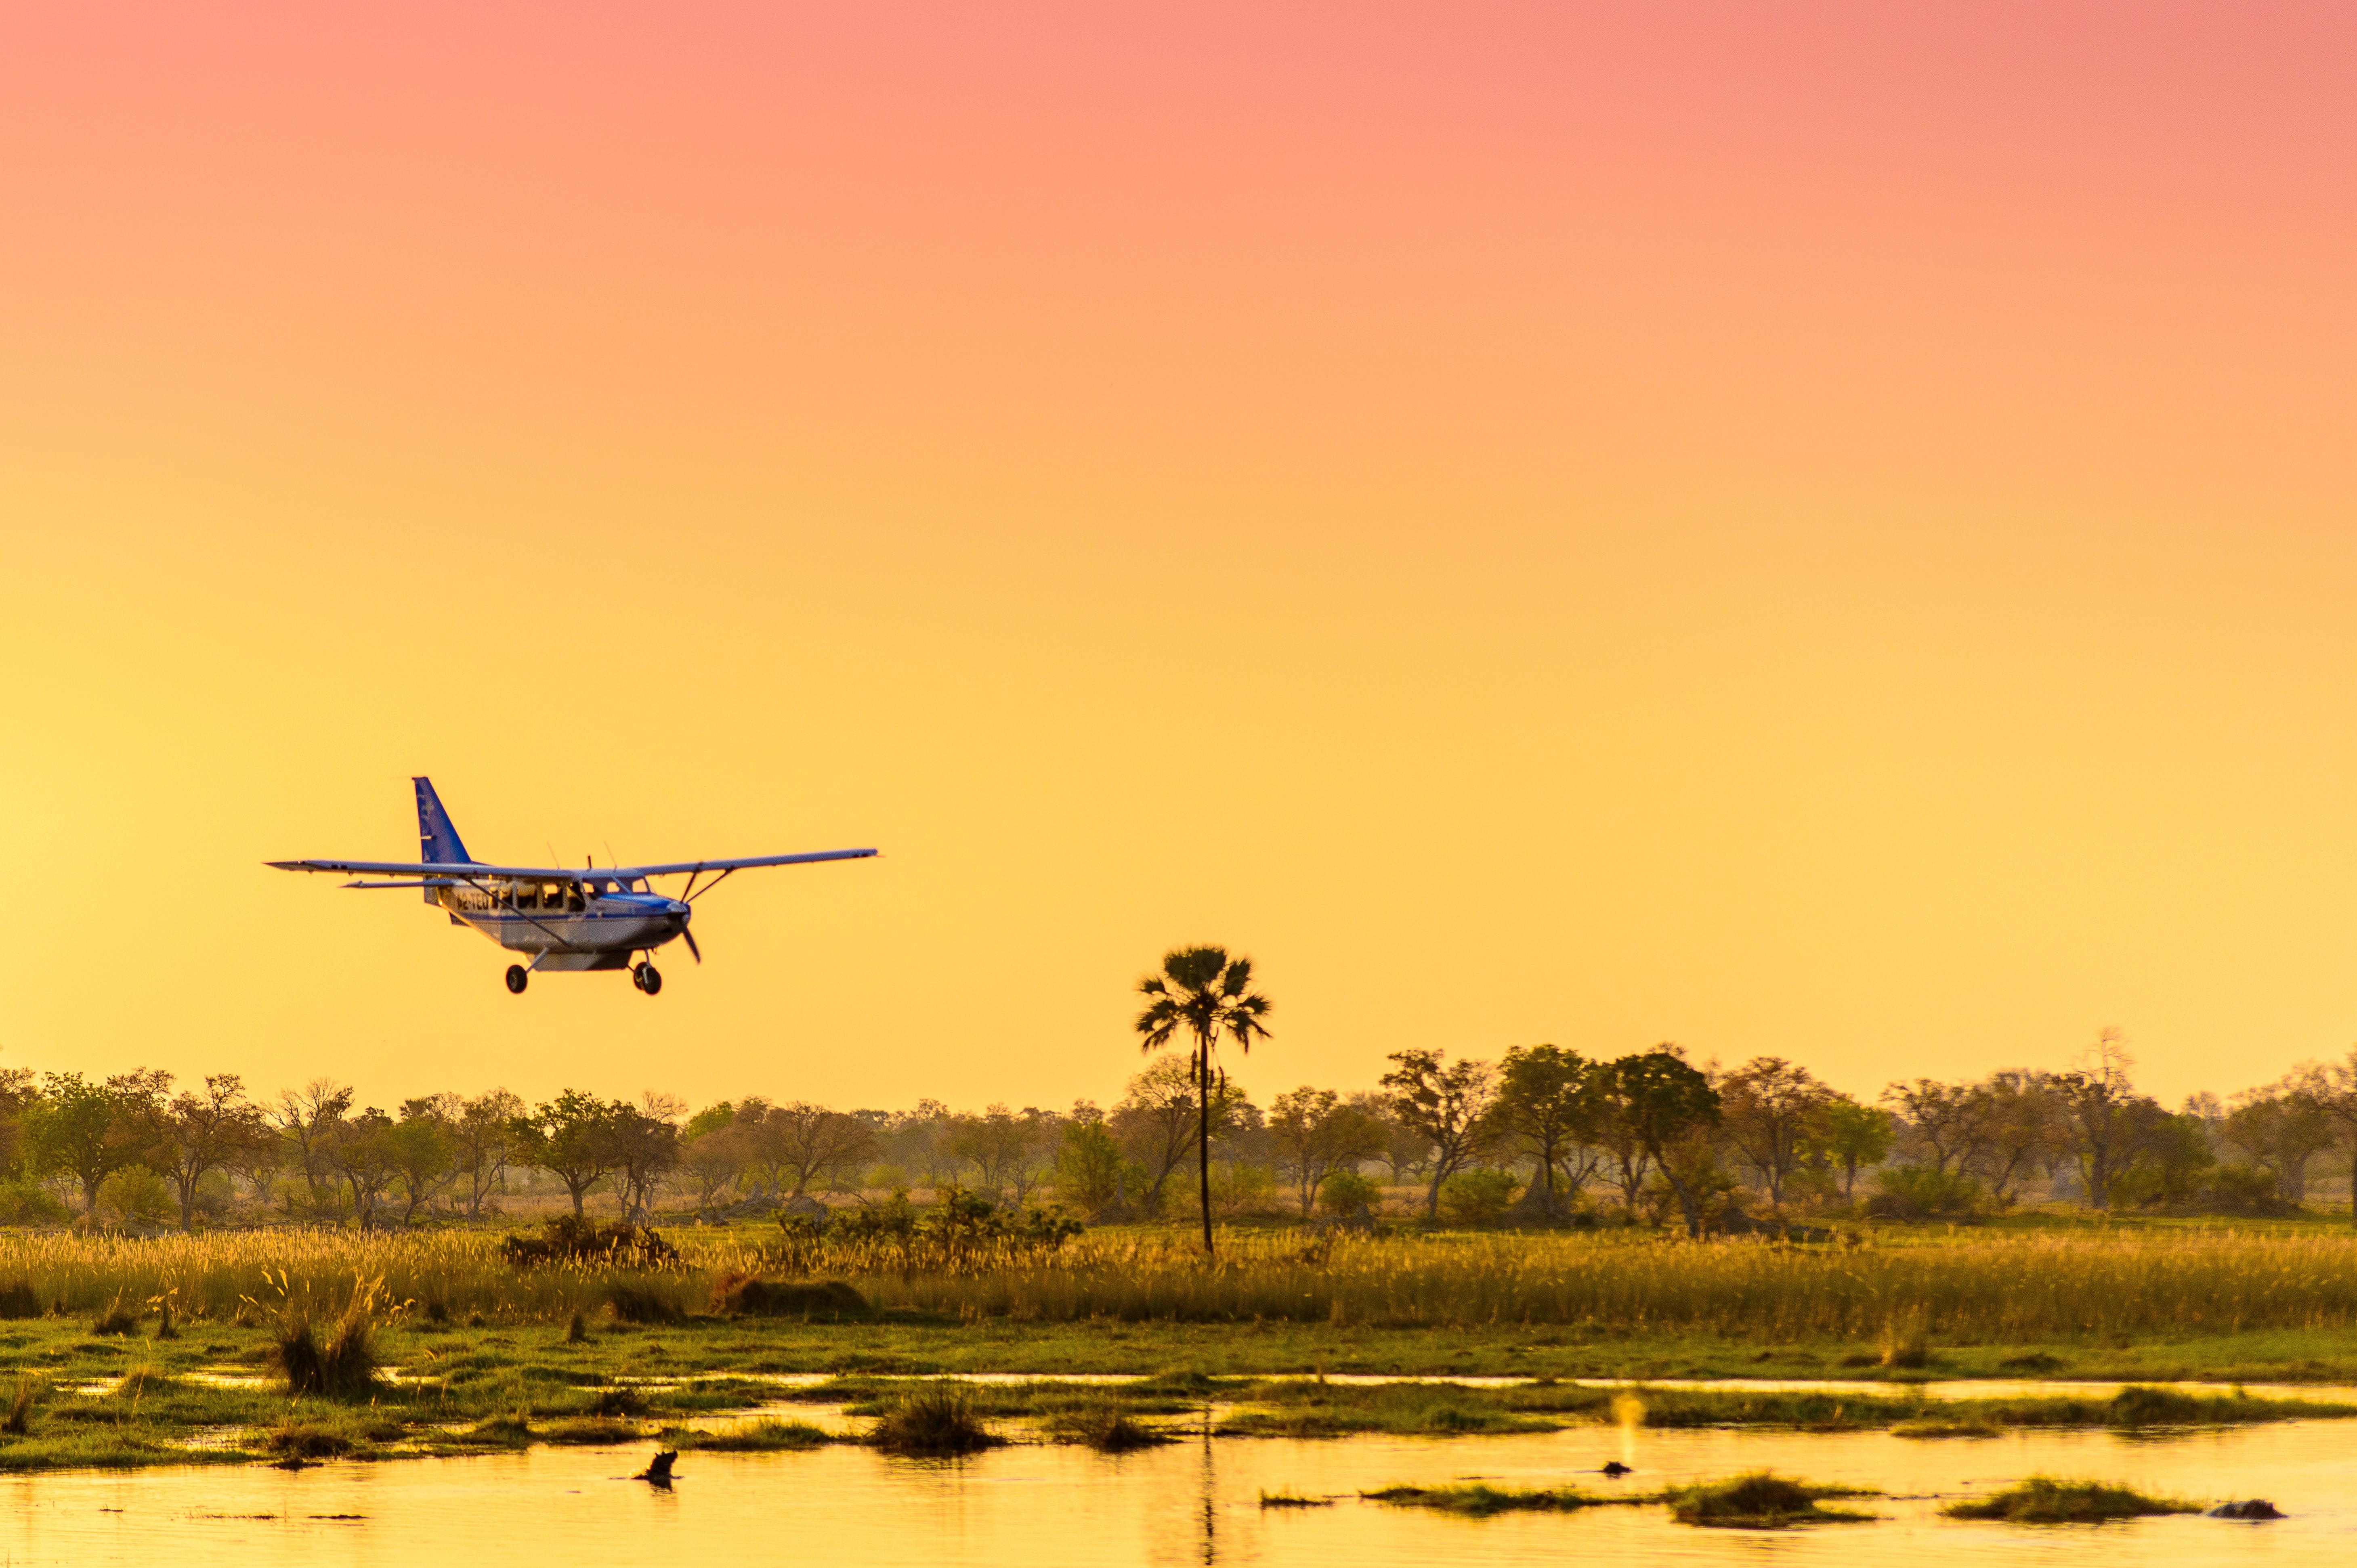 Avion taxi dans le delta de l'Okavango au Botswana